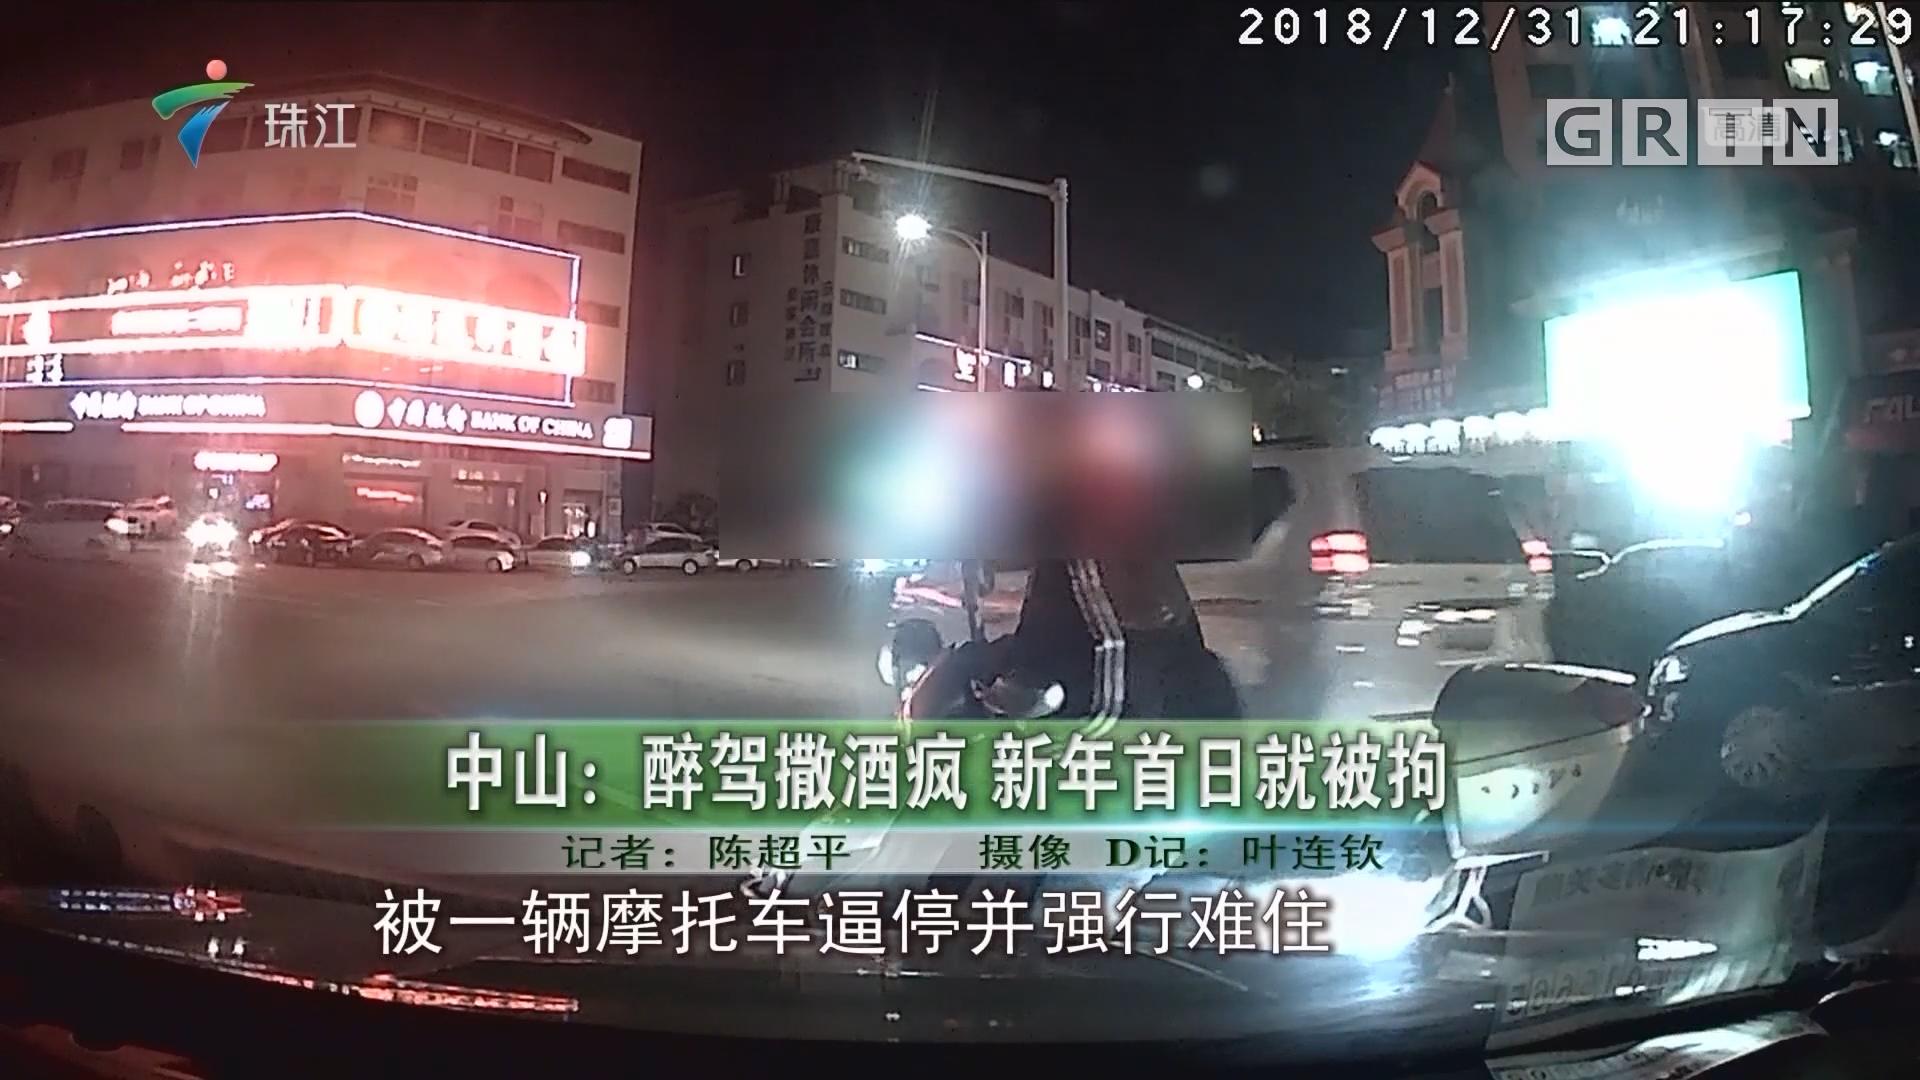 中山:醉驾撒酒疯 新年首日就被拘